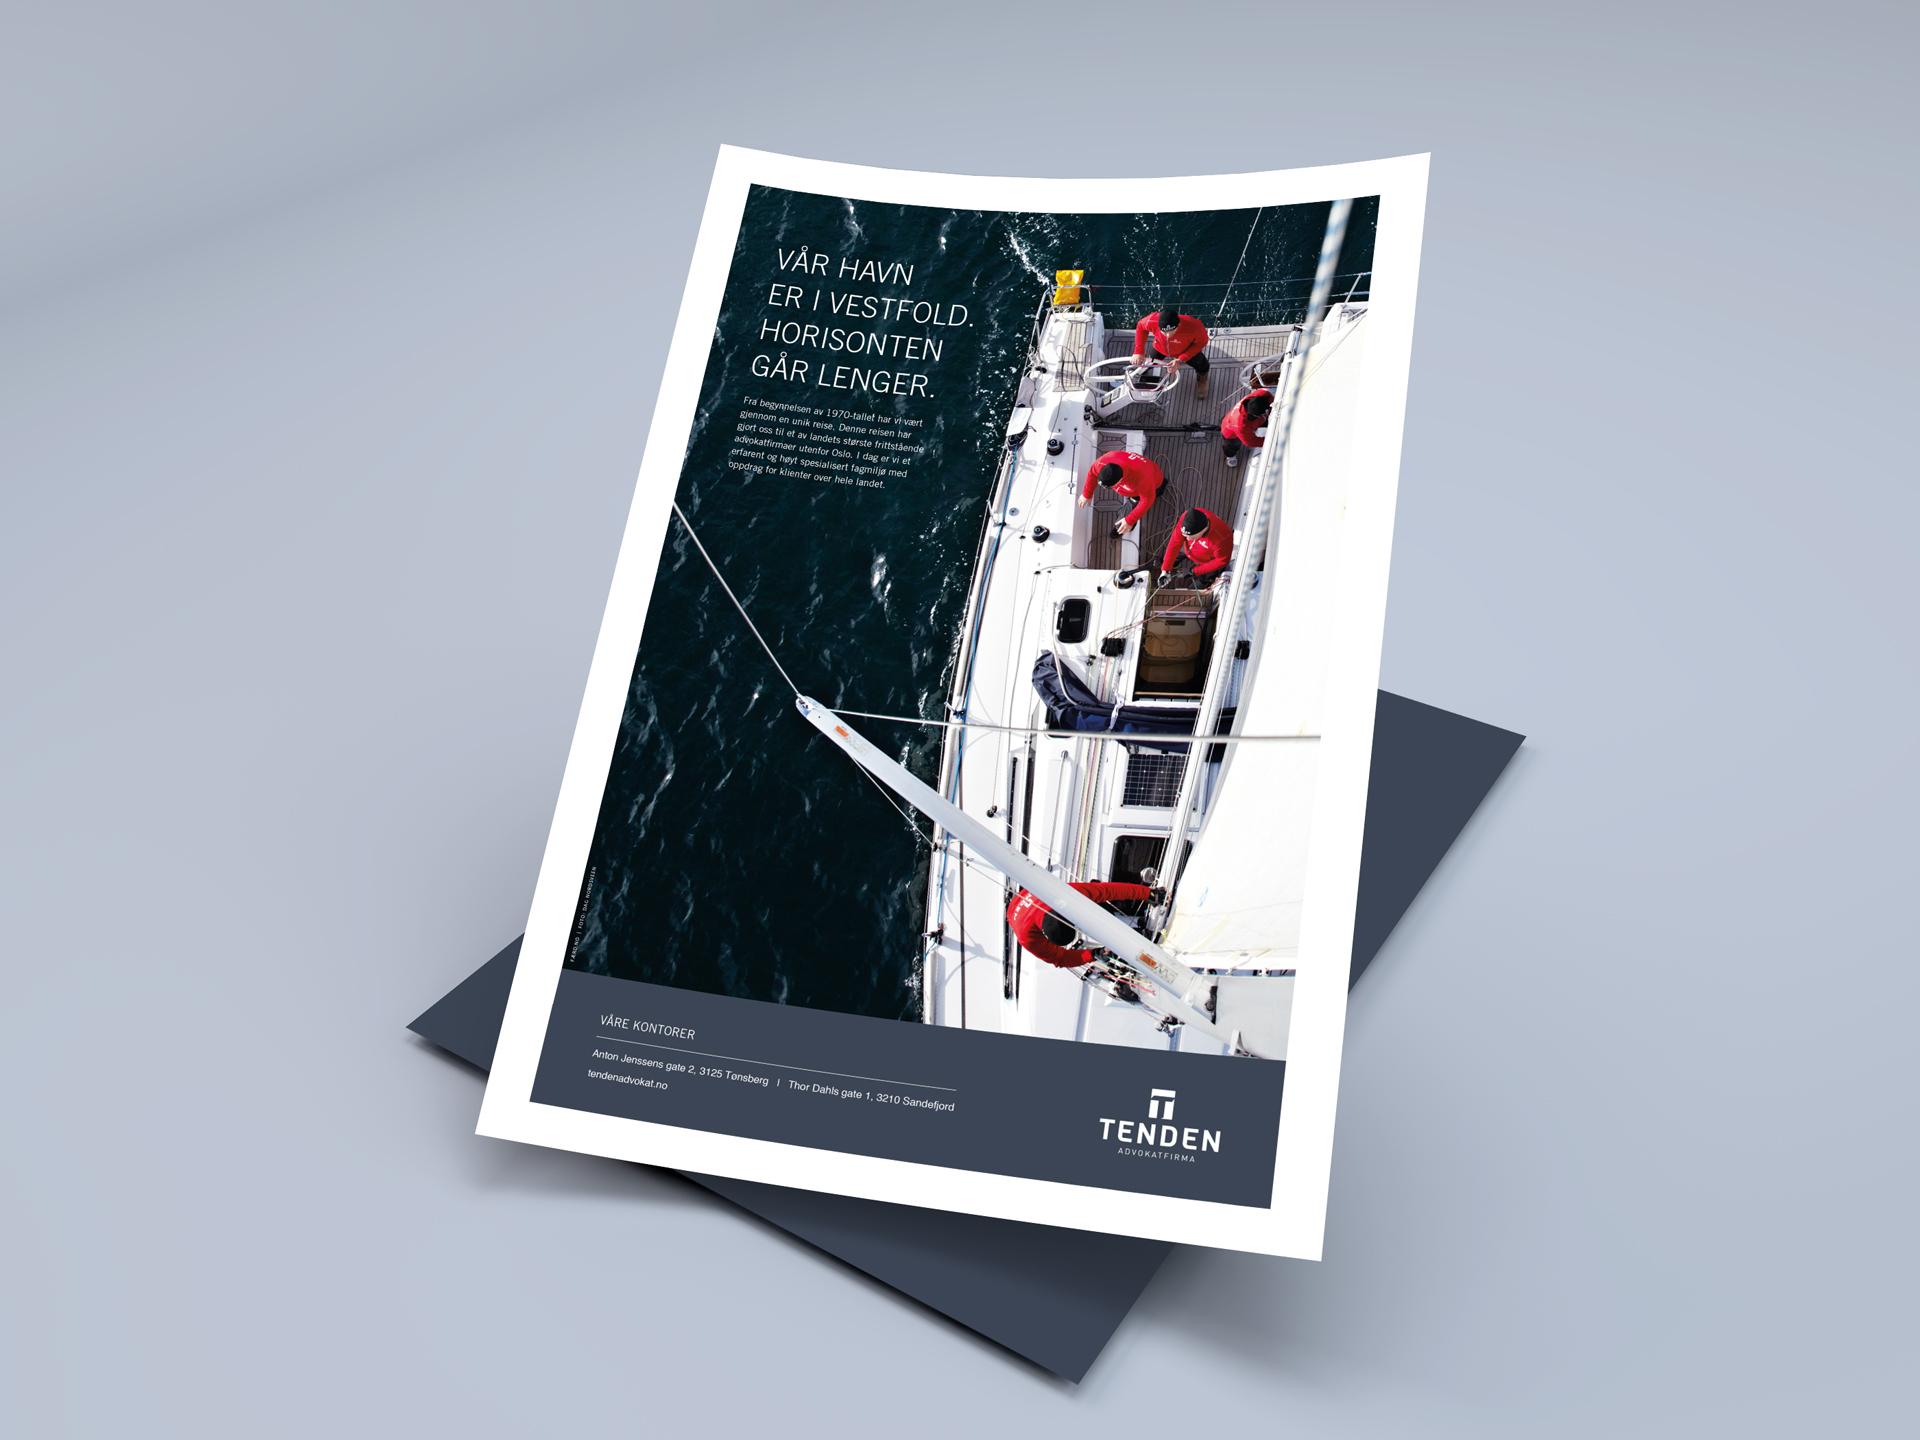 Tenden-sail-annonse-papir